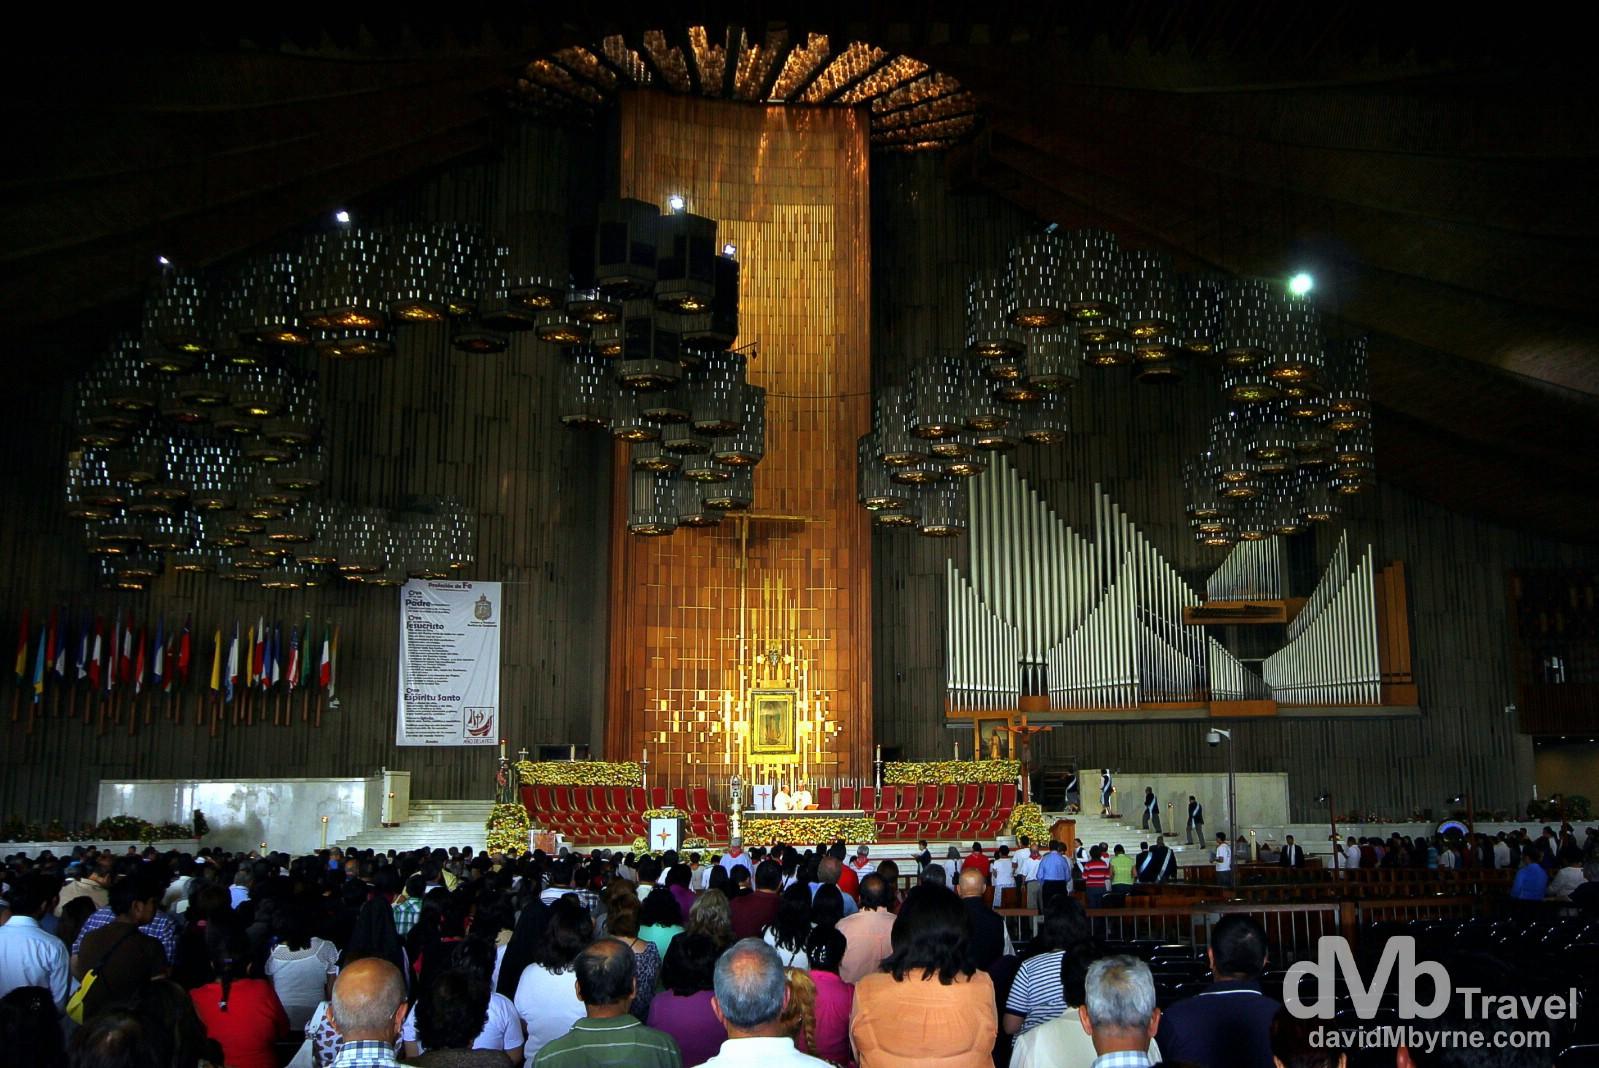 Basilica de Nuestra Senora de Guadalupe, Mexico City